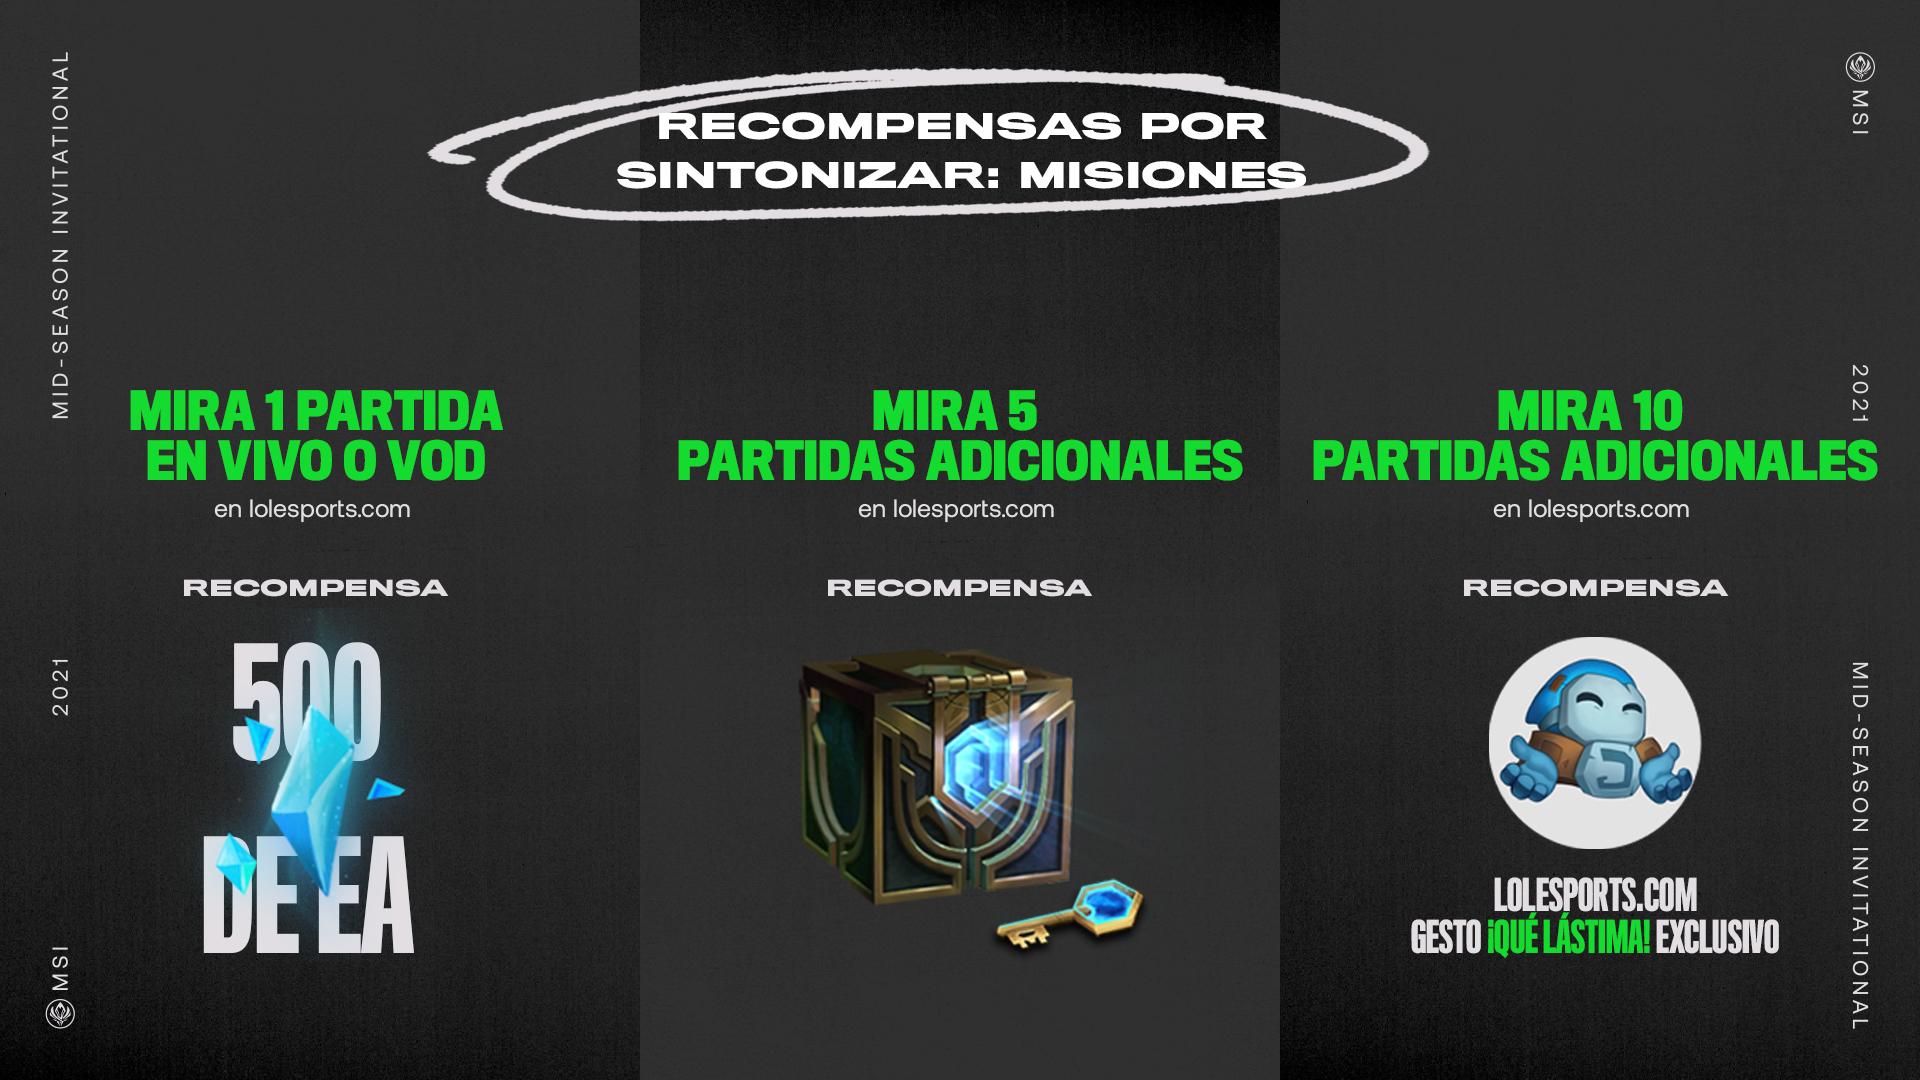 msi 2021 misiones recompensas